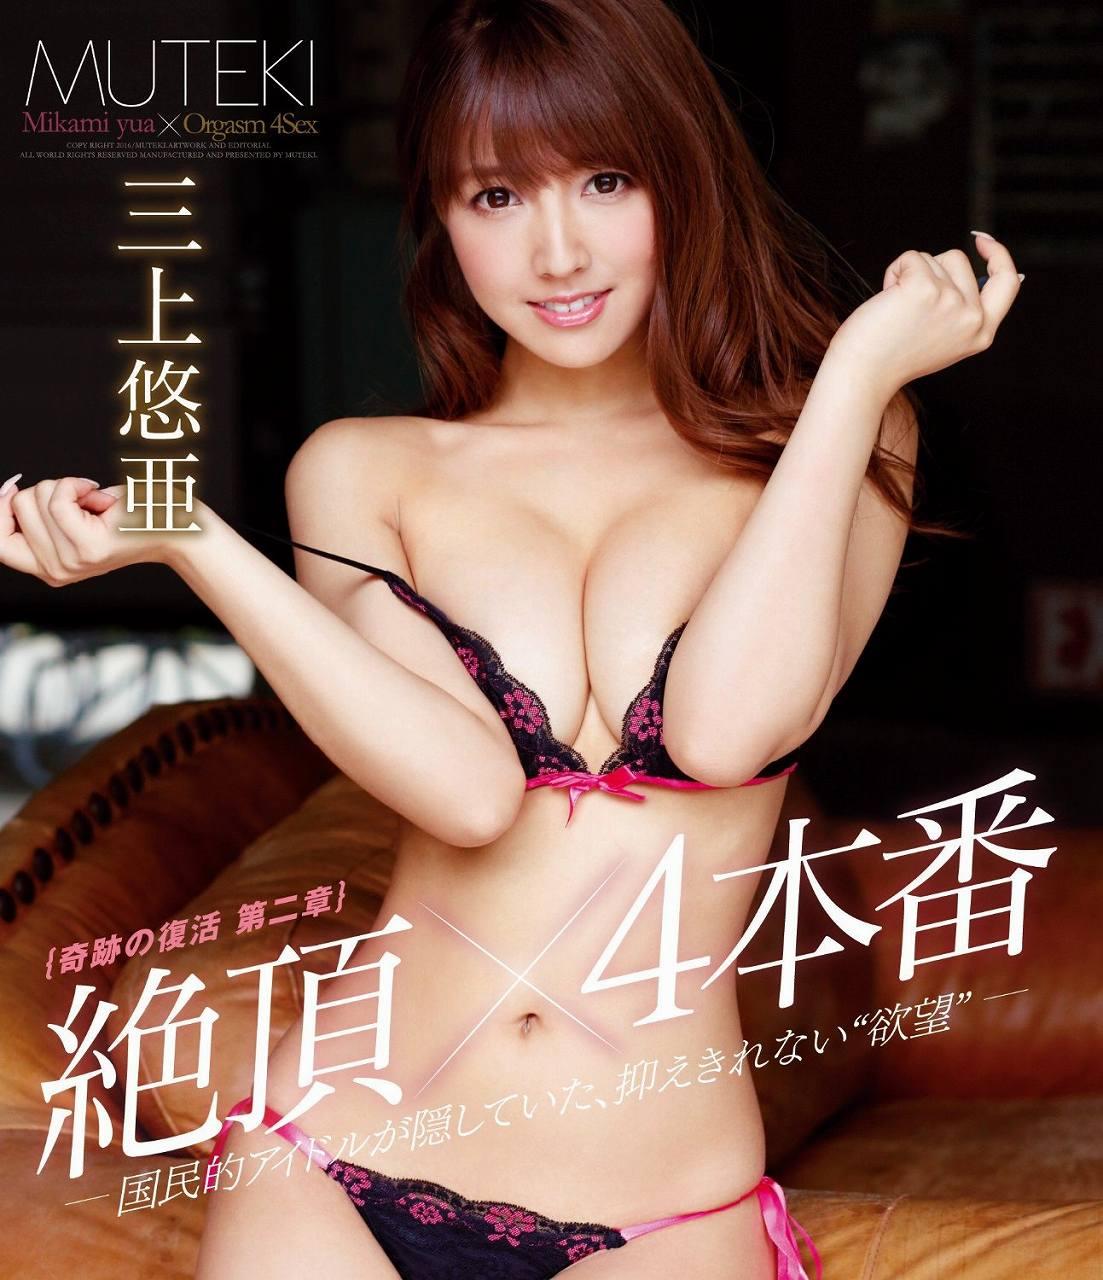 元SKE48・鬼頭桃菜(三上悠亜)のAV「絶頂×4本番」パッケージ写真